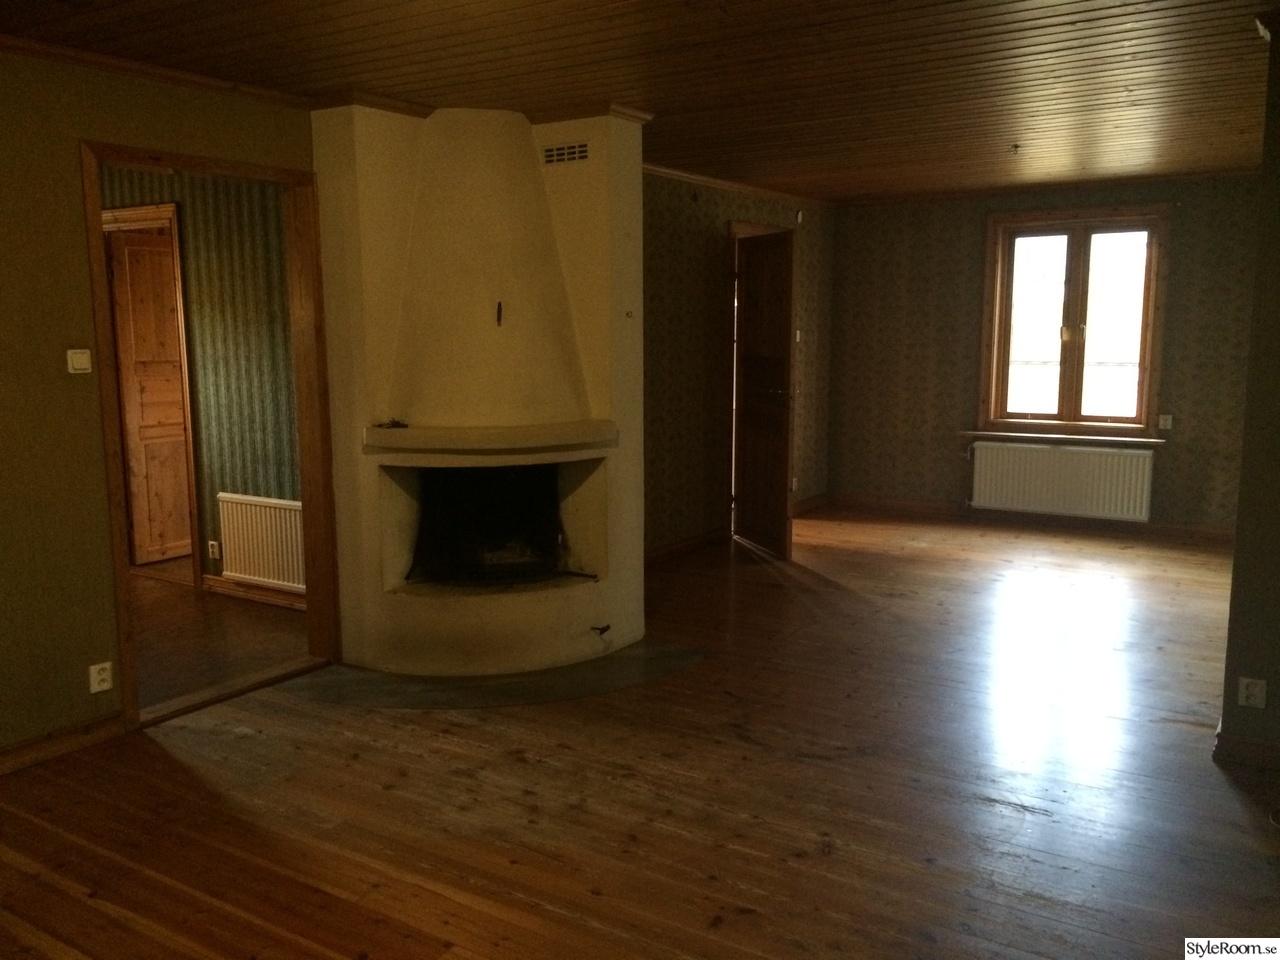 Renovering vardagsrum   inspiration och idéer till ditt hem